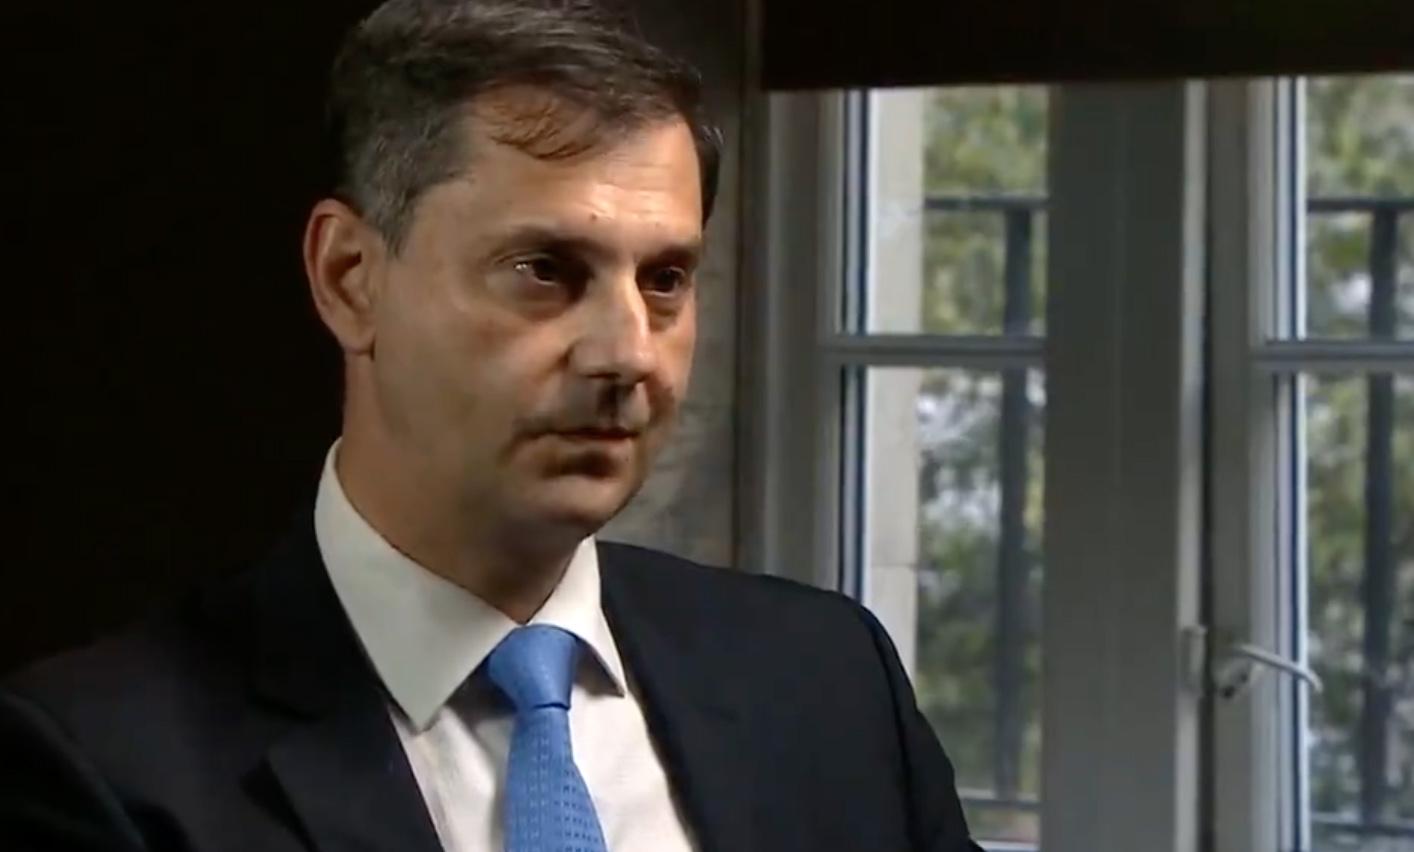 «Φάλτσα» Θεοχάρη στην συνέντευξη στο BBC – Οι ερωτήσεις που τον έφεραν σε δύσκολη θέση